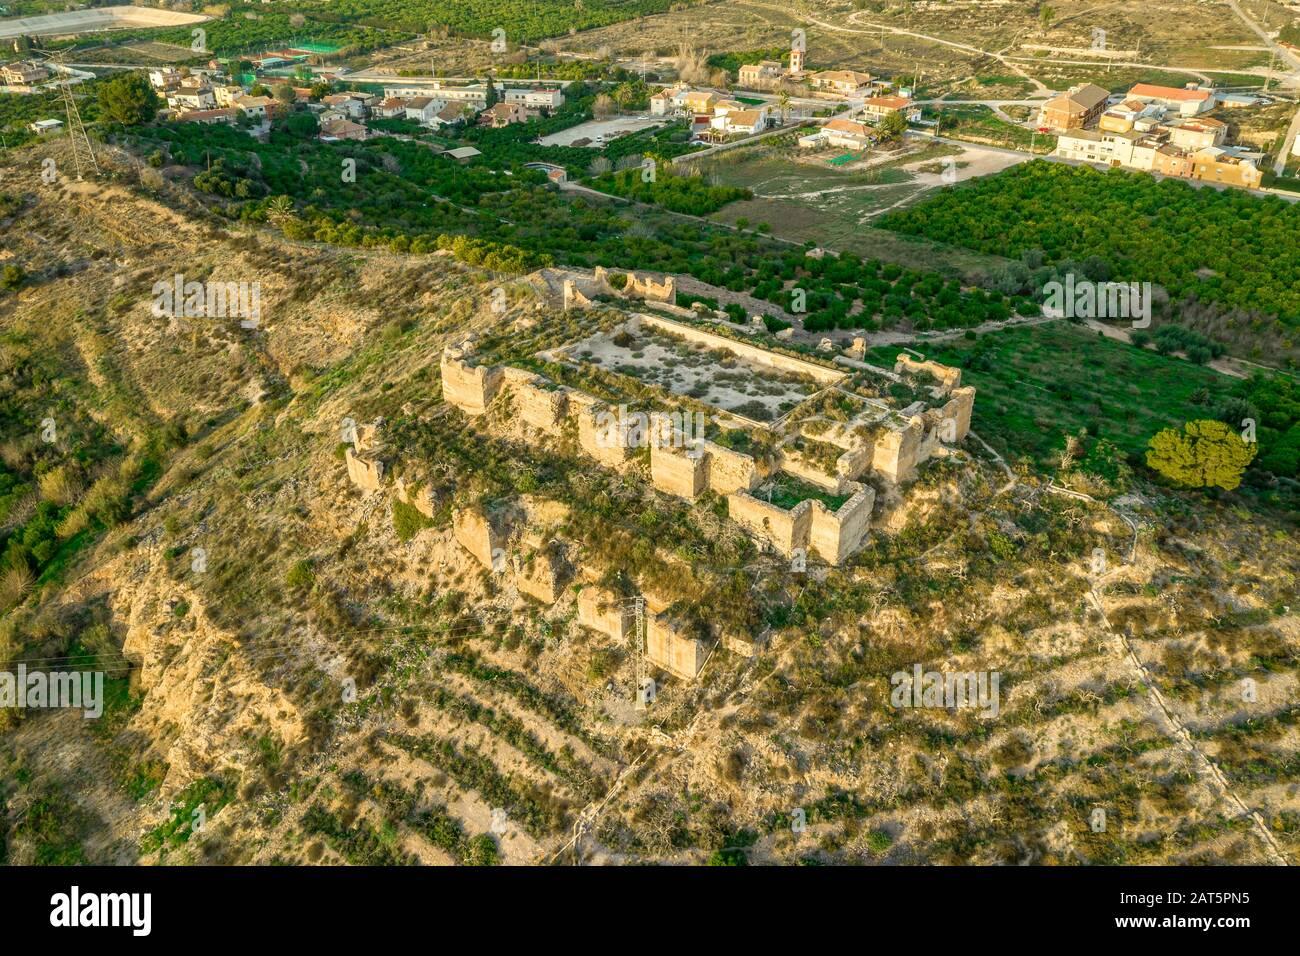 El castillo medieval de Monteagudo arruina doce torres rectangulares que rodean la cima de la colina y el sagrado corazón de la estatua de Jesucristo en la cima cerca de Murcia España Foto de stock